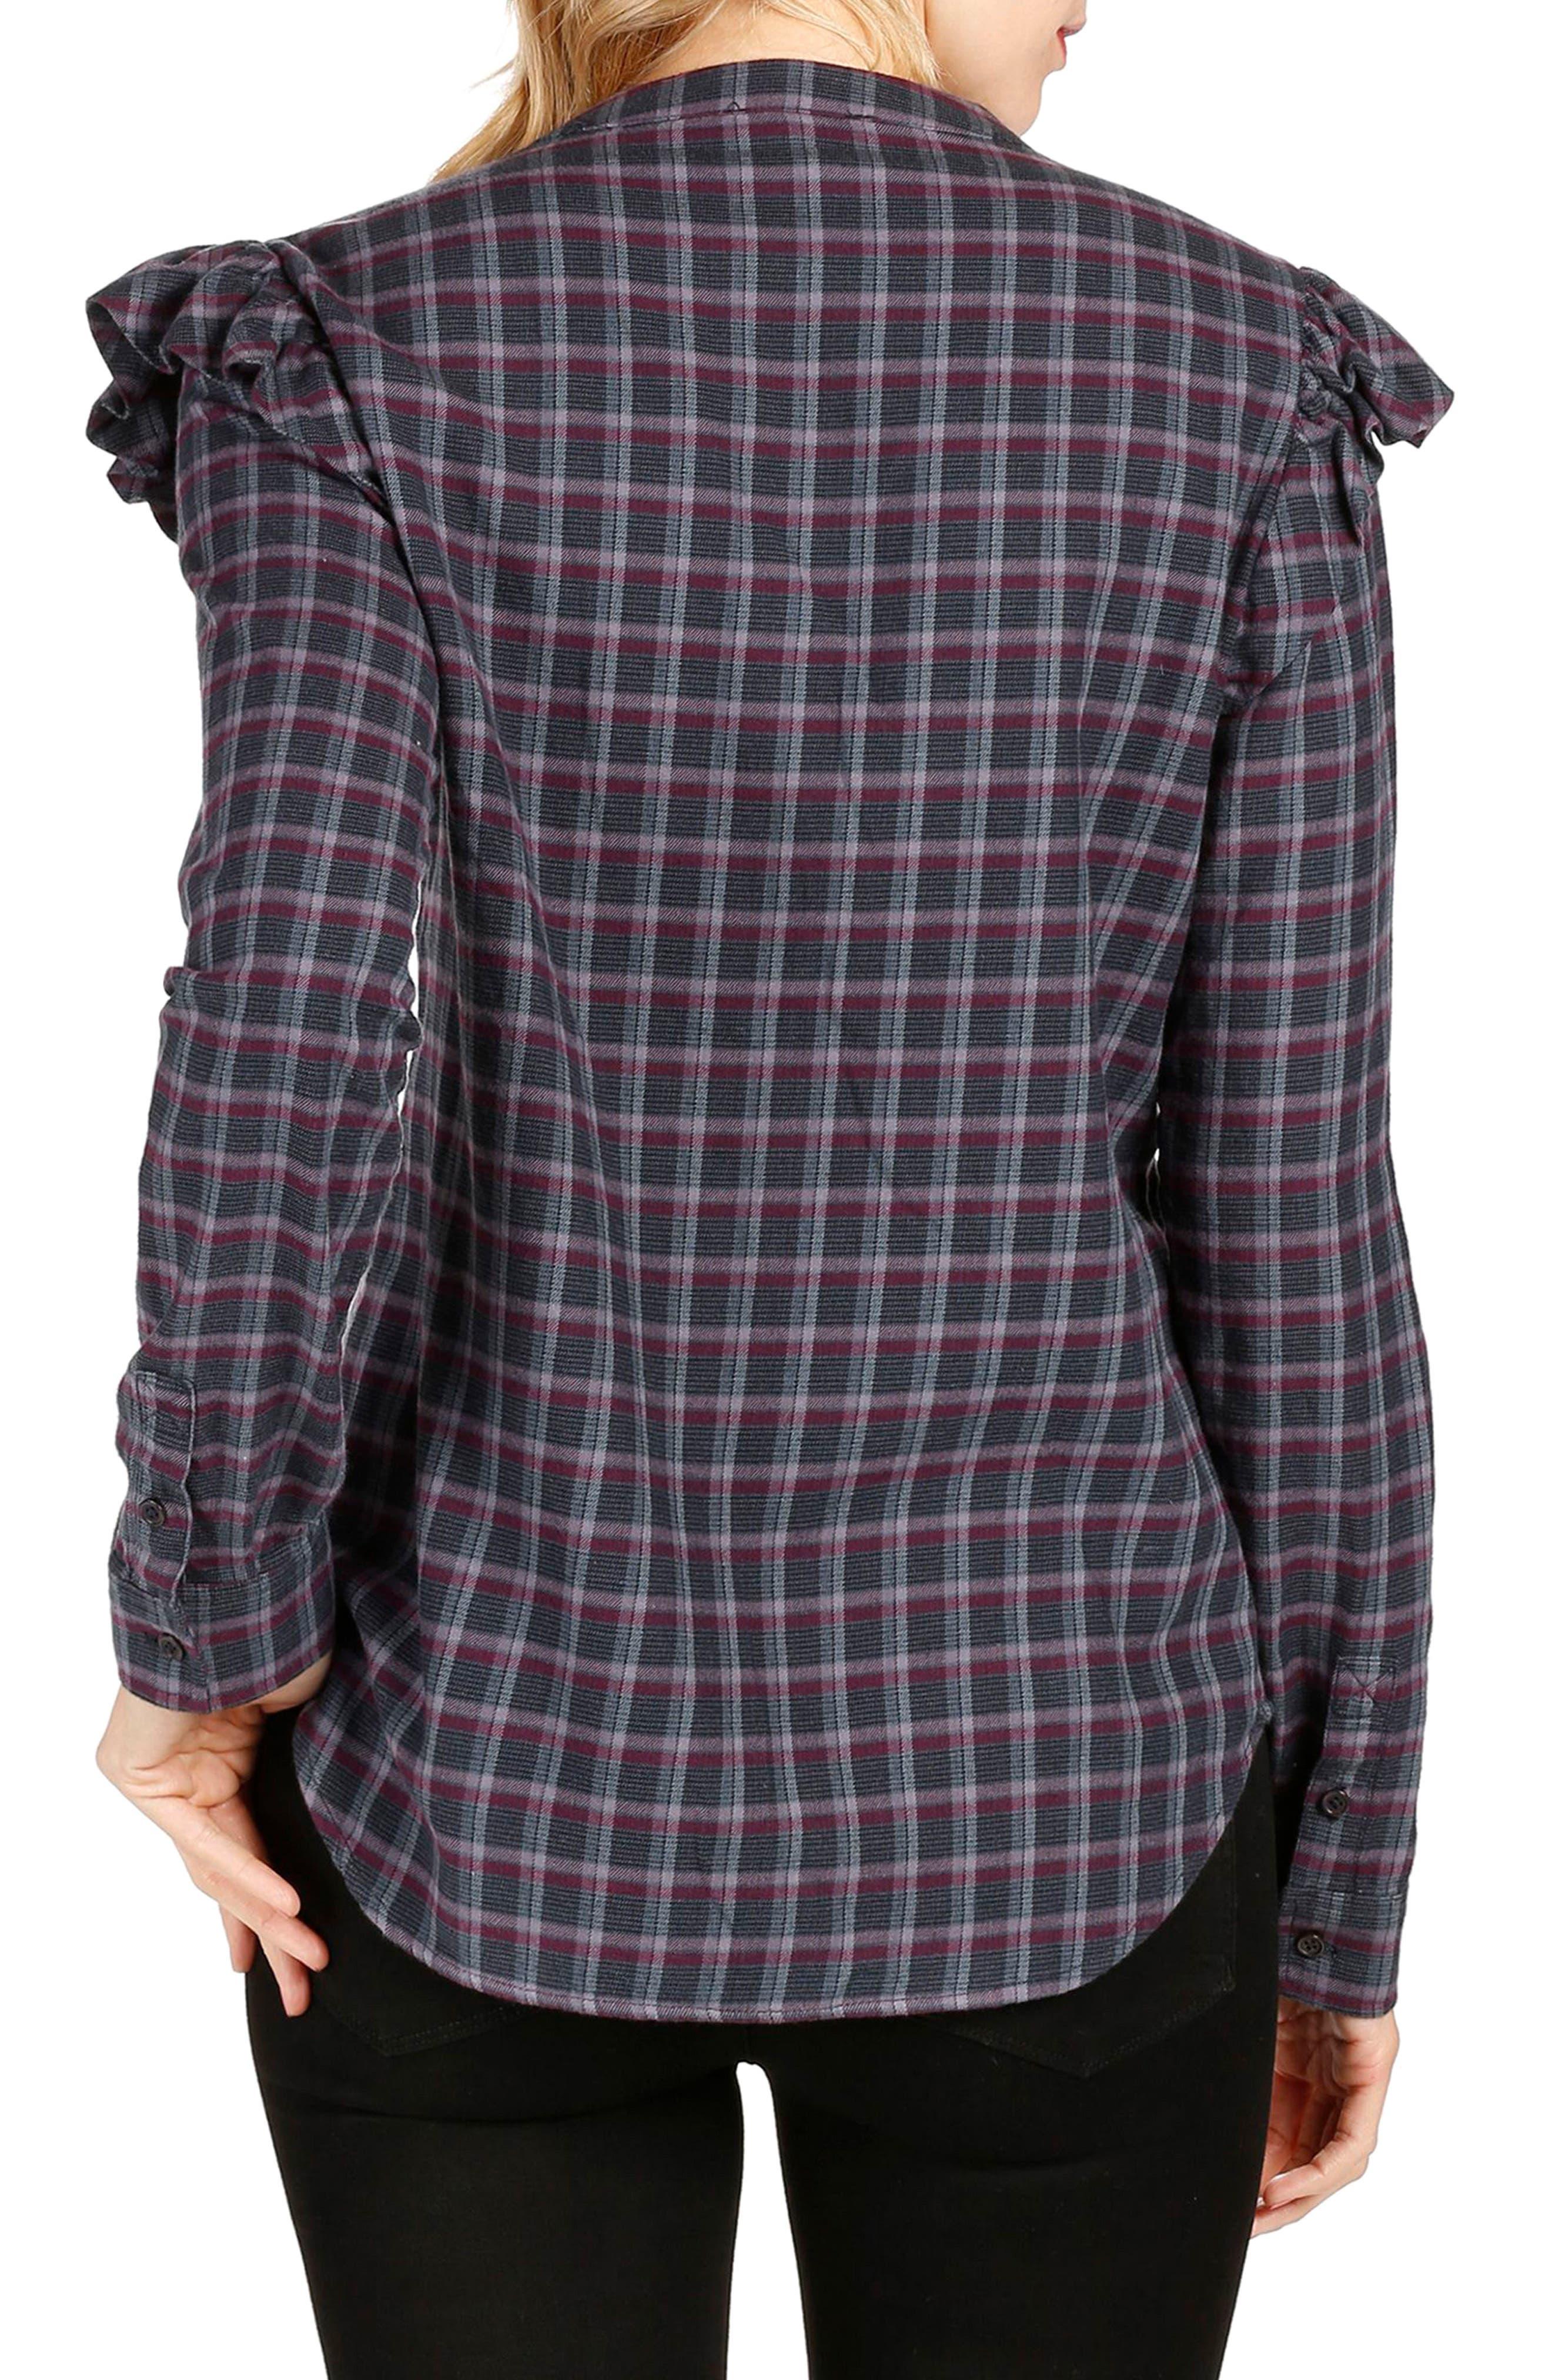 Jenelle Ruffle Plaid Shirt,                             Alternate thumbnail 2, color,                             460